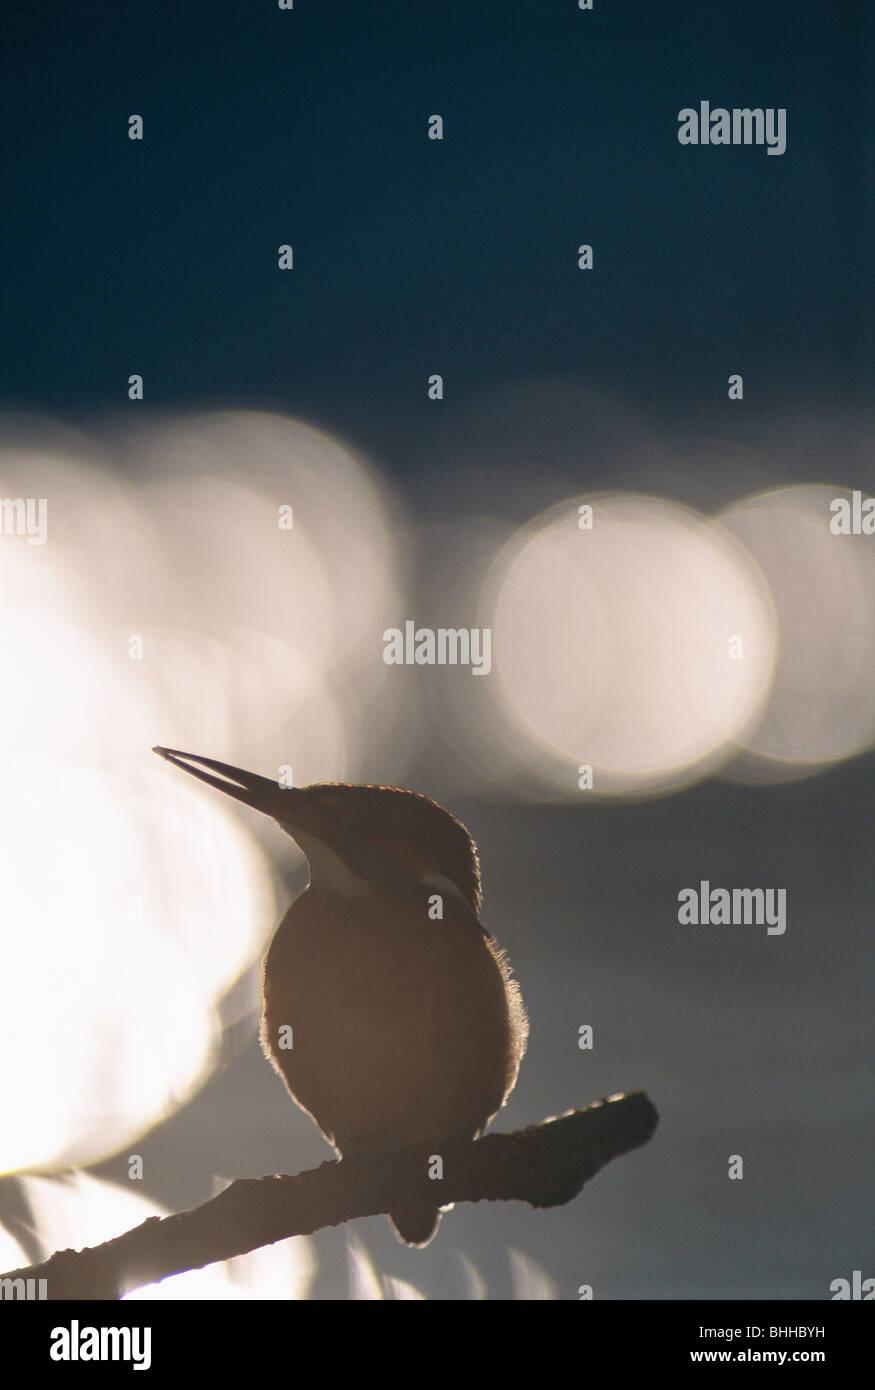 La silueta de un martín pescador contra la luz, Polonia. Imagen De Stock